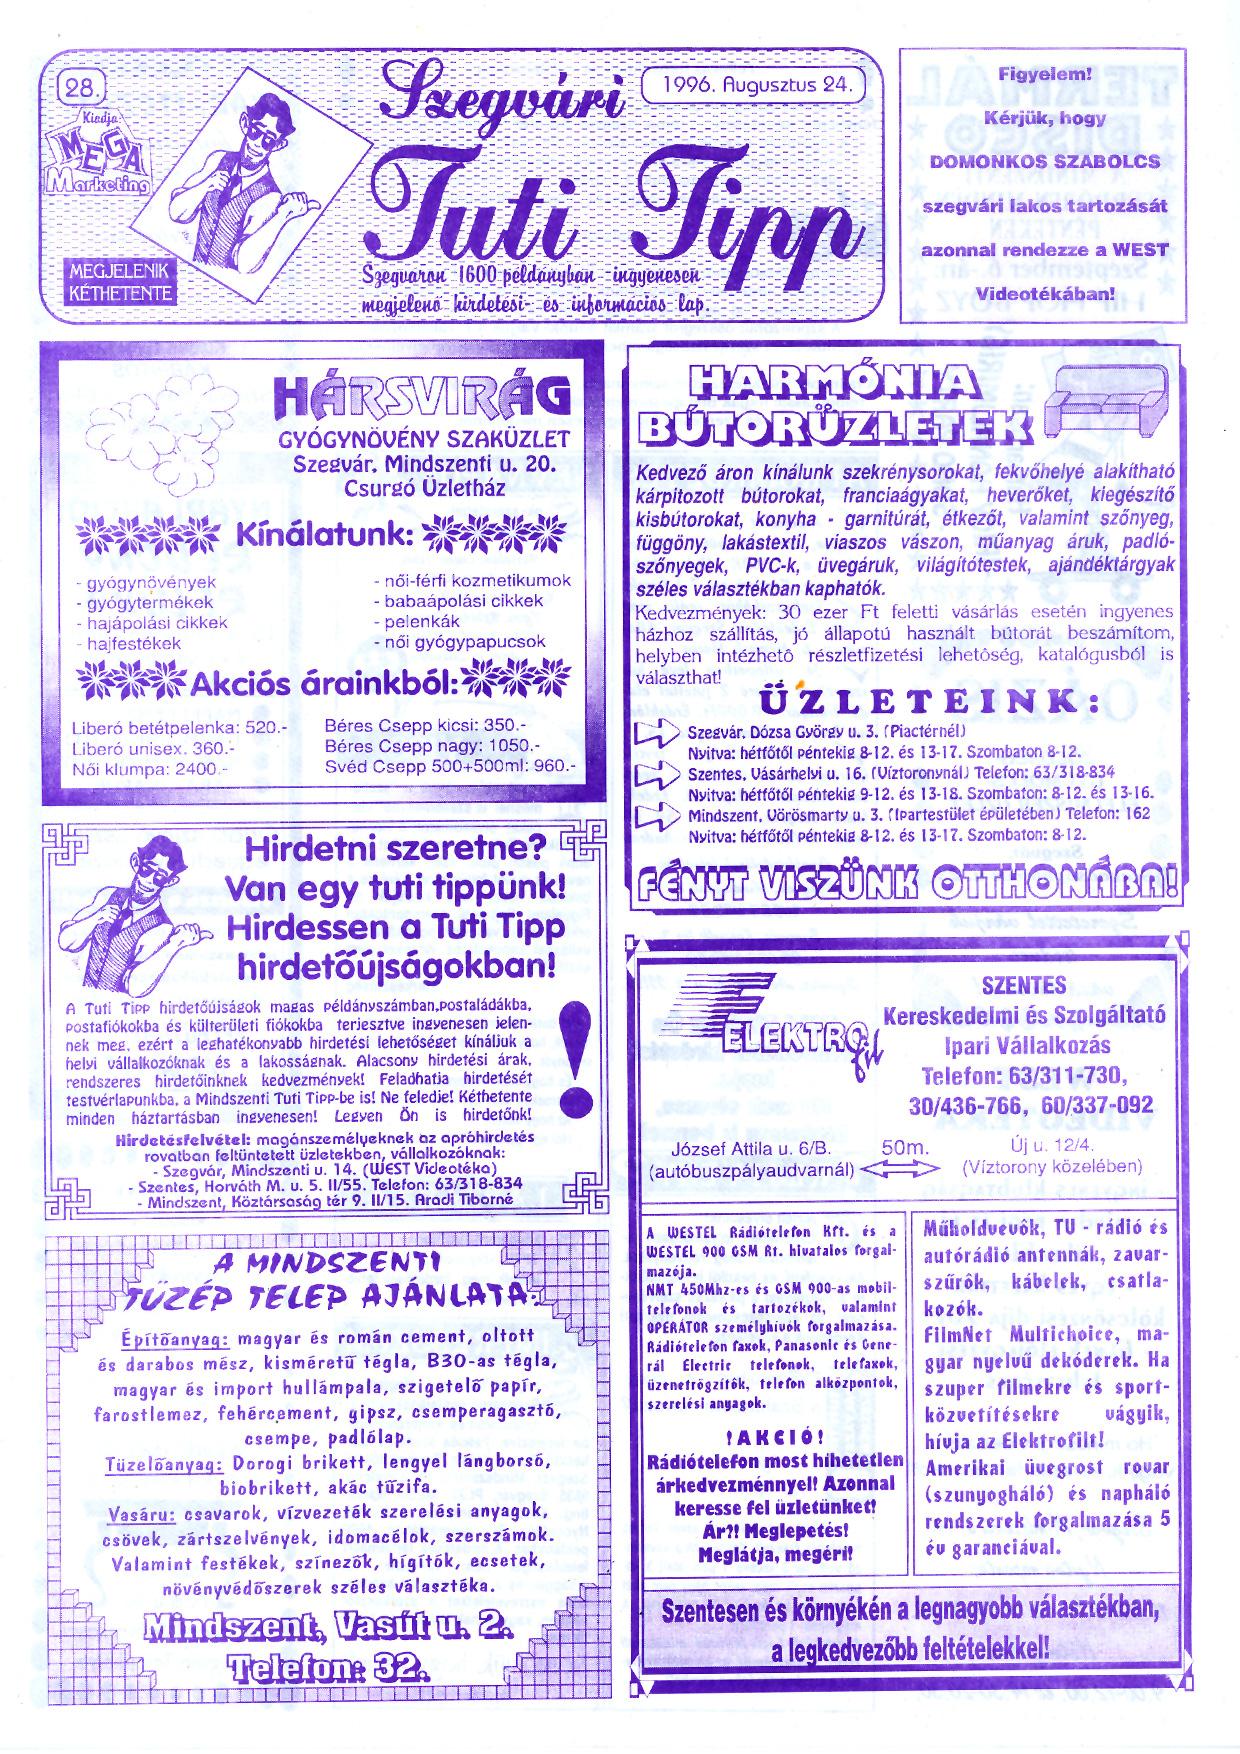 043 Szegvári Tuti Tipp reklámújság - 19960824-028. lapszám - 1.oldal - II. évfolyam.jpg